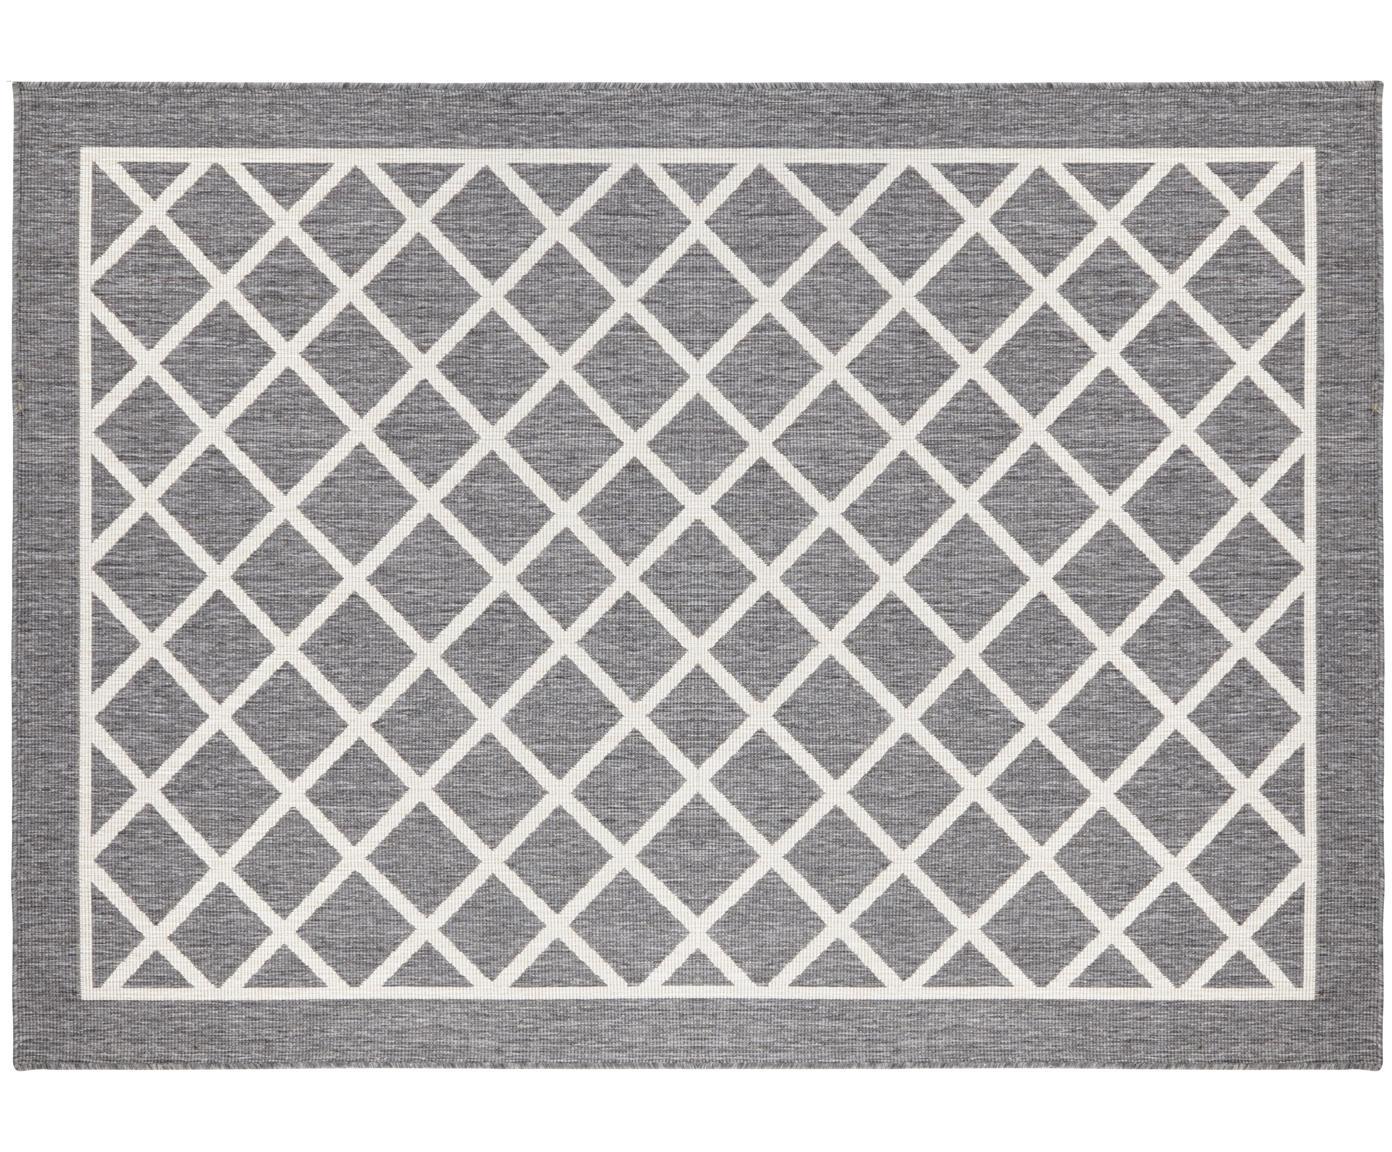 Dubbelzijdig in- & outdoor vloerkleed Sydney met ruitenmotief in grijs-crèmekleur, Grijs, crèmekleurig, B 160 x L 230 cm (maat M)